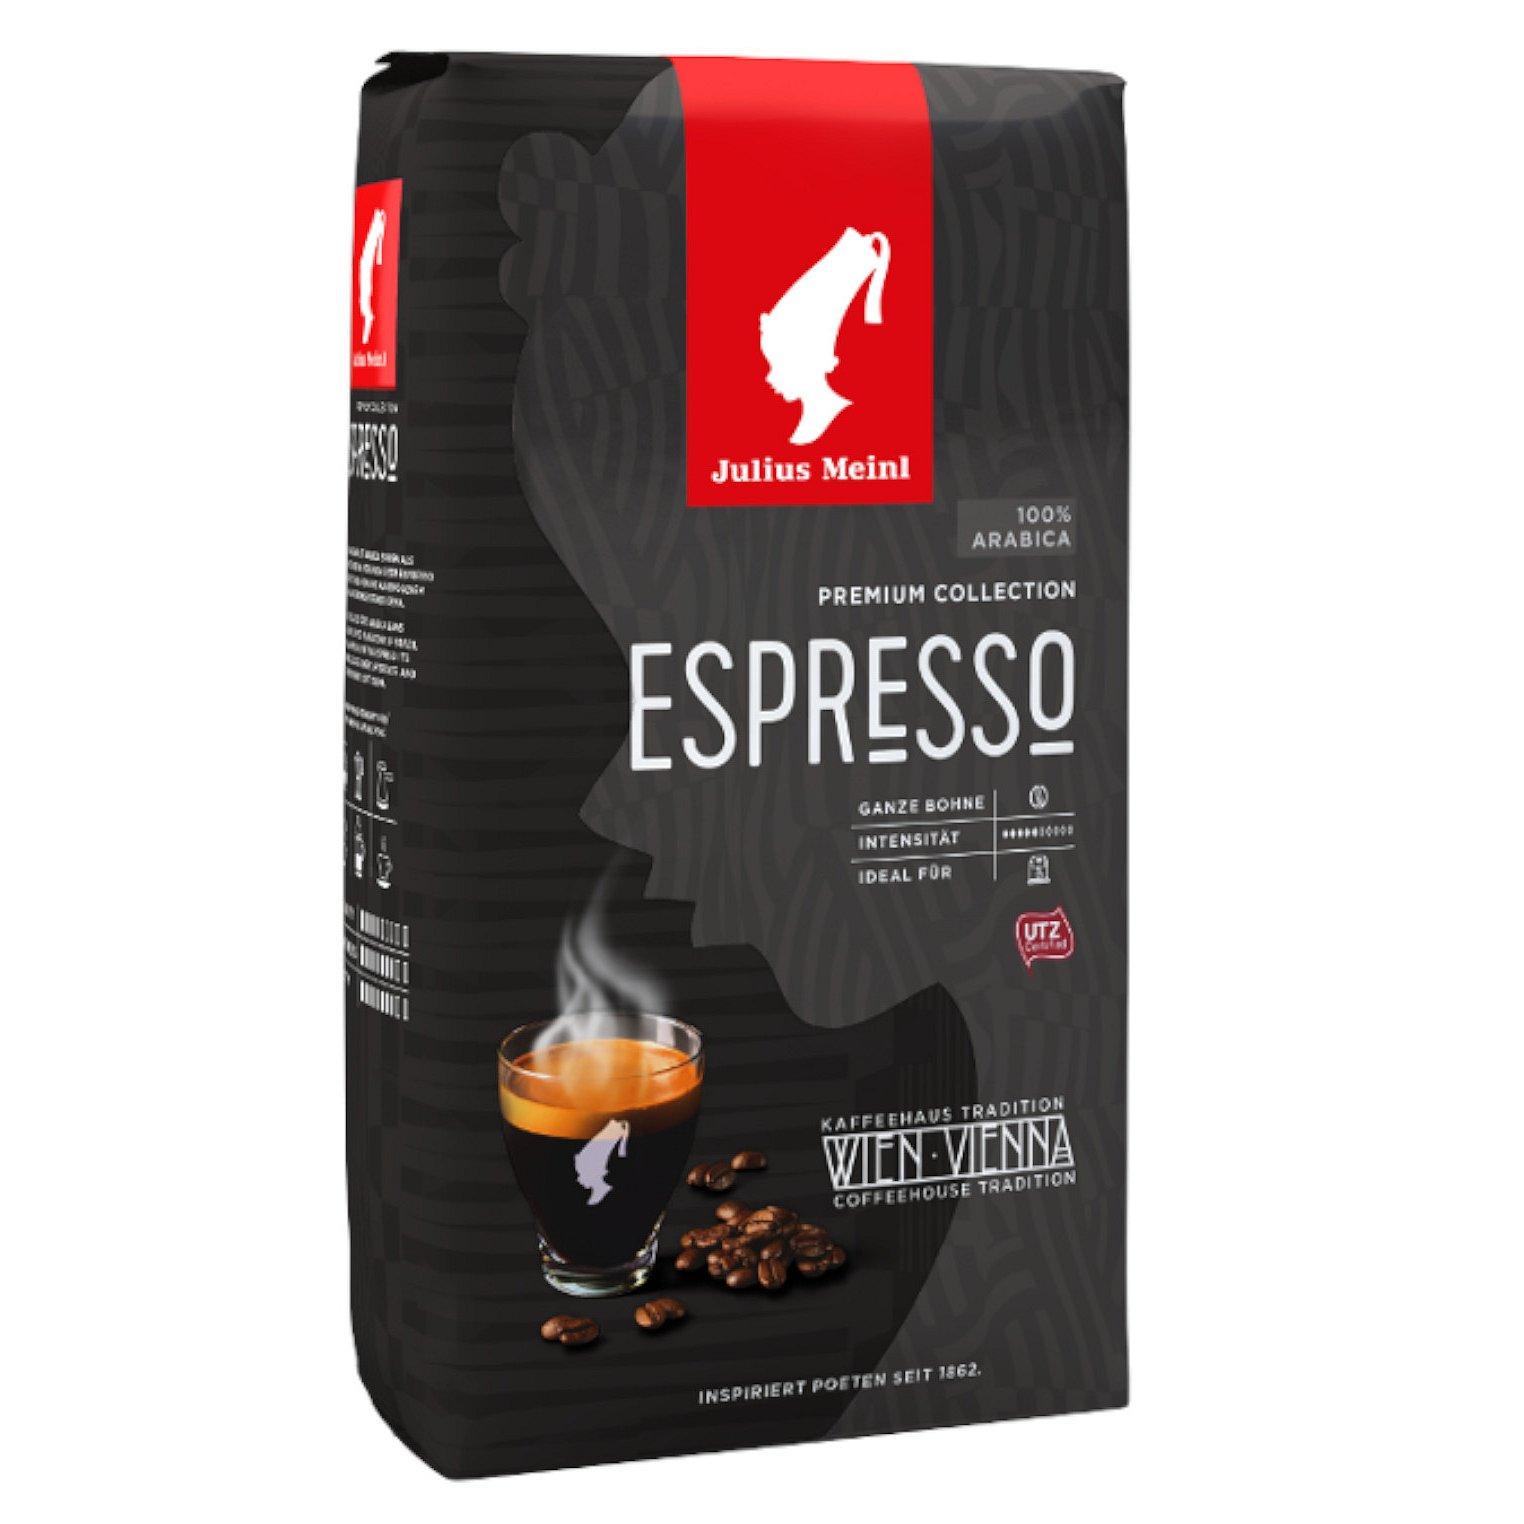 Premium Collection Espresso UTZ 1kg